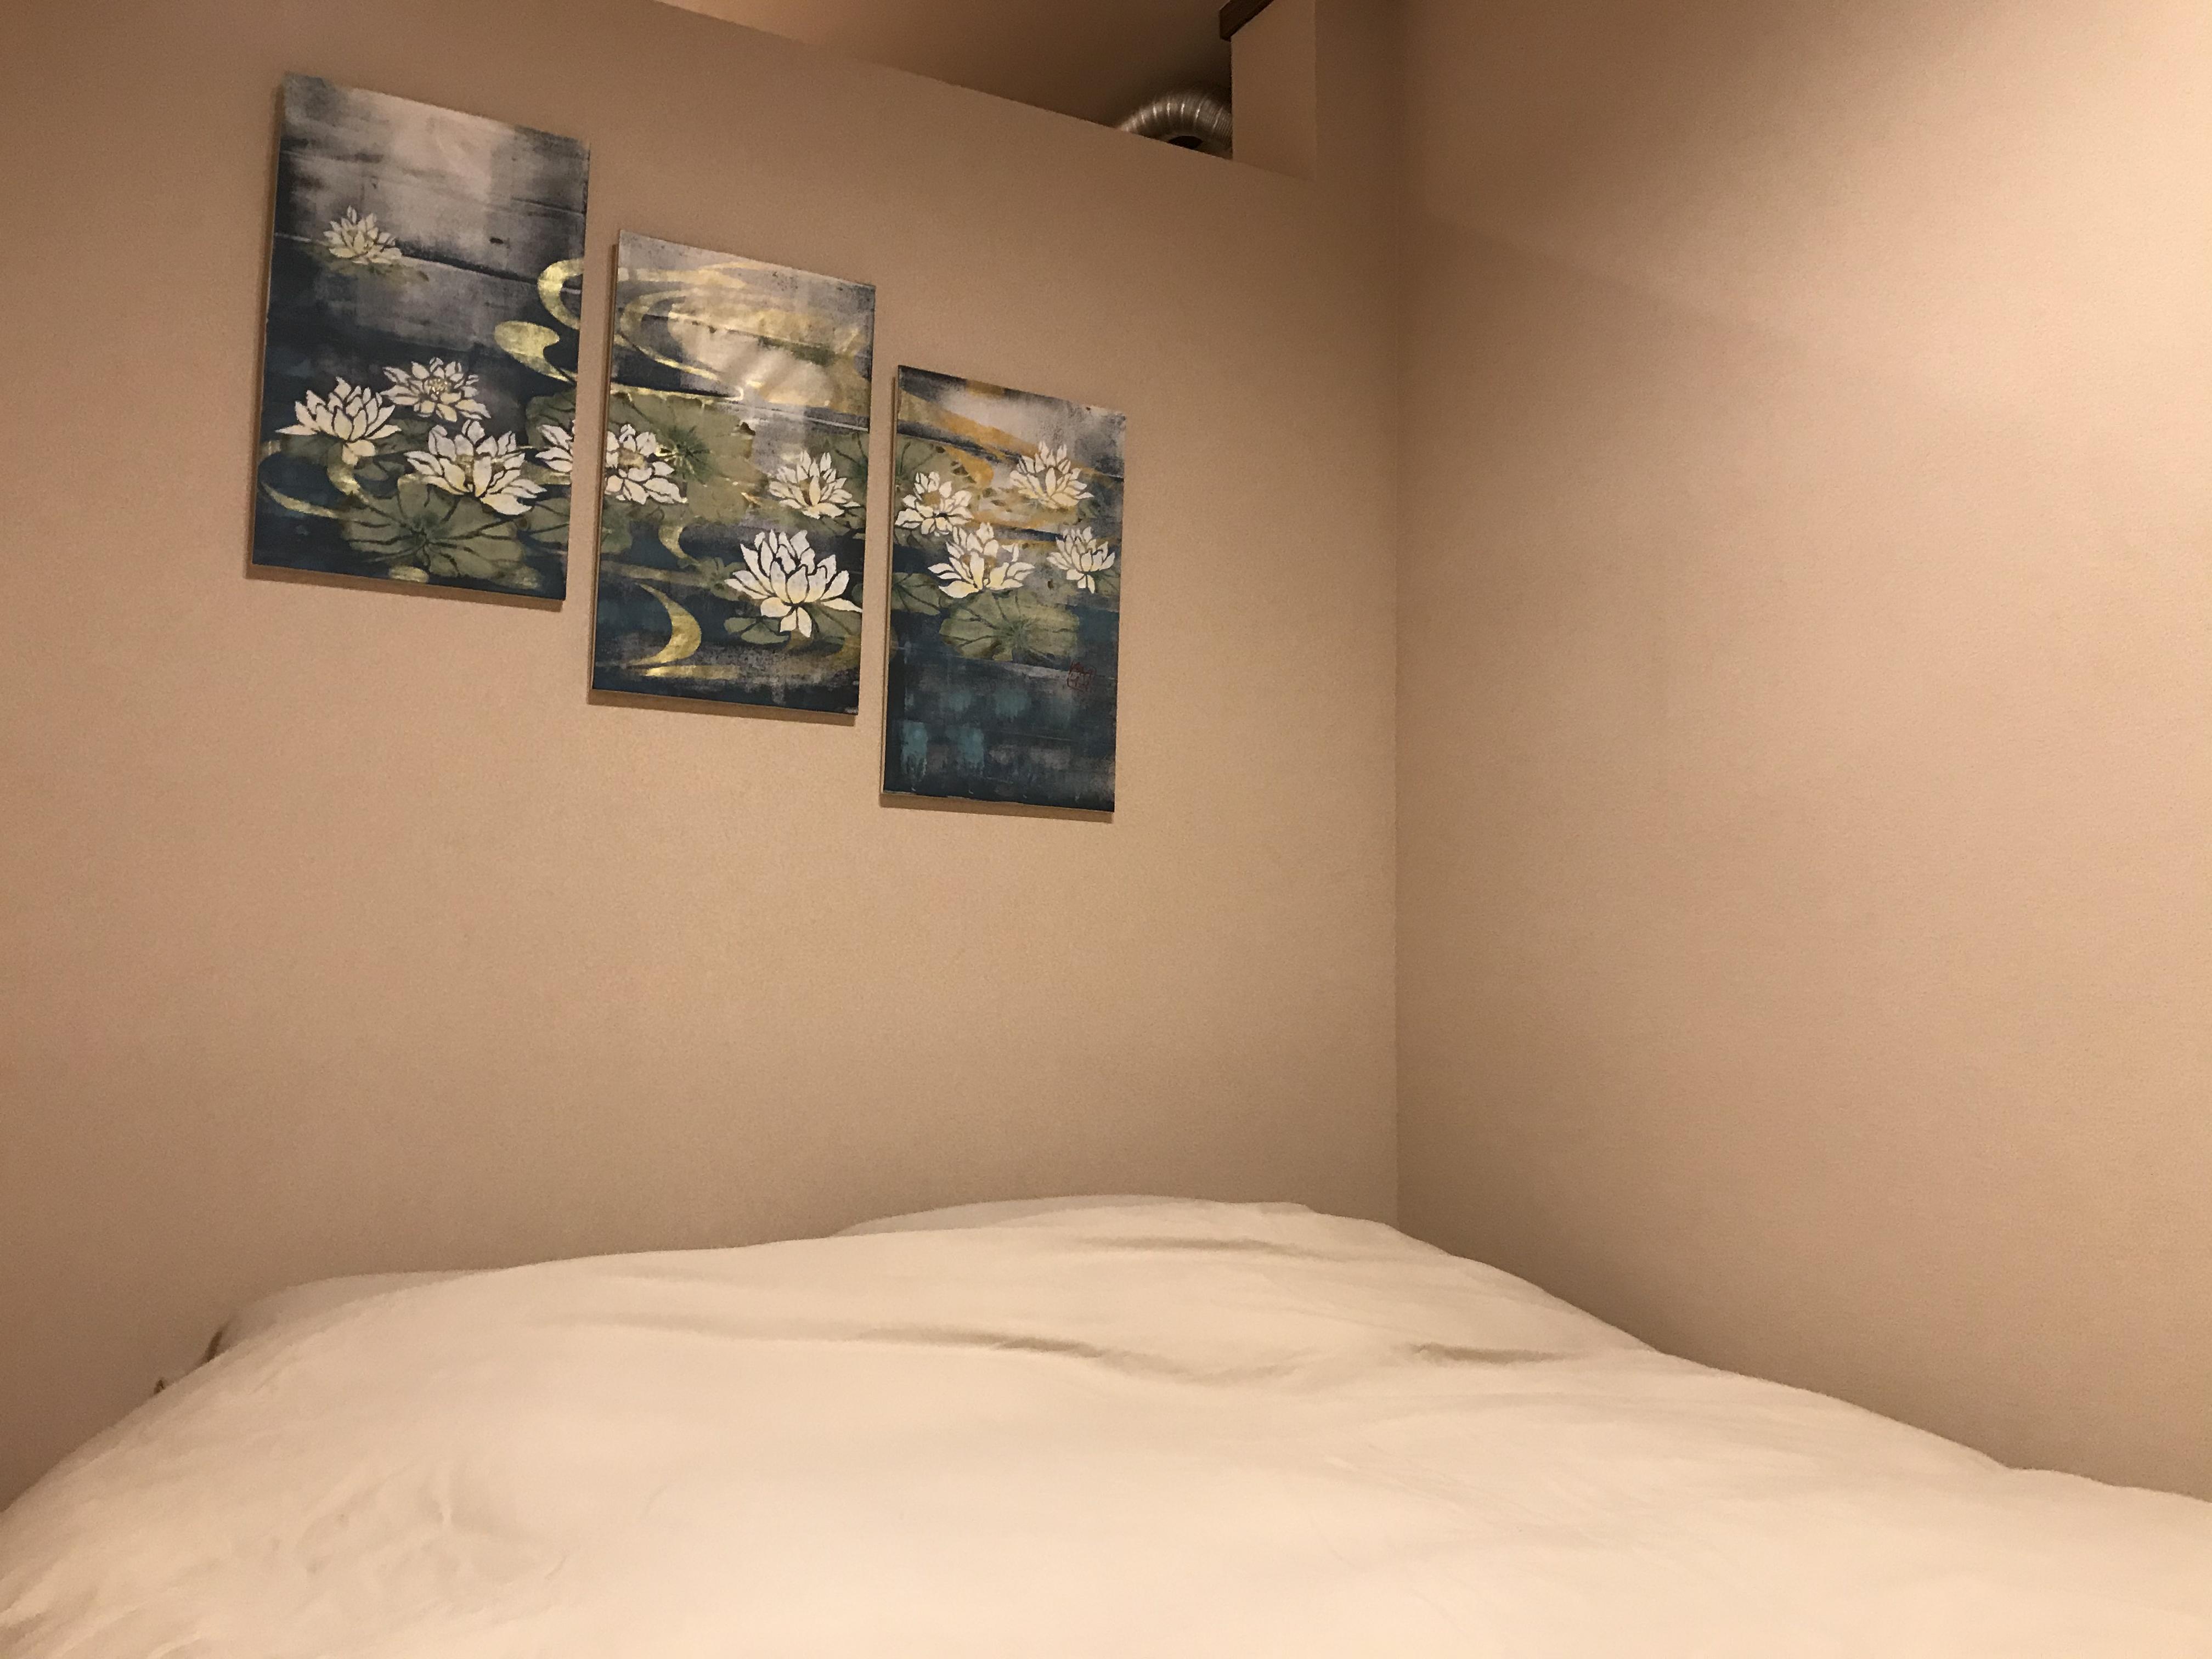 第31ステージ 東京都某所民泊